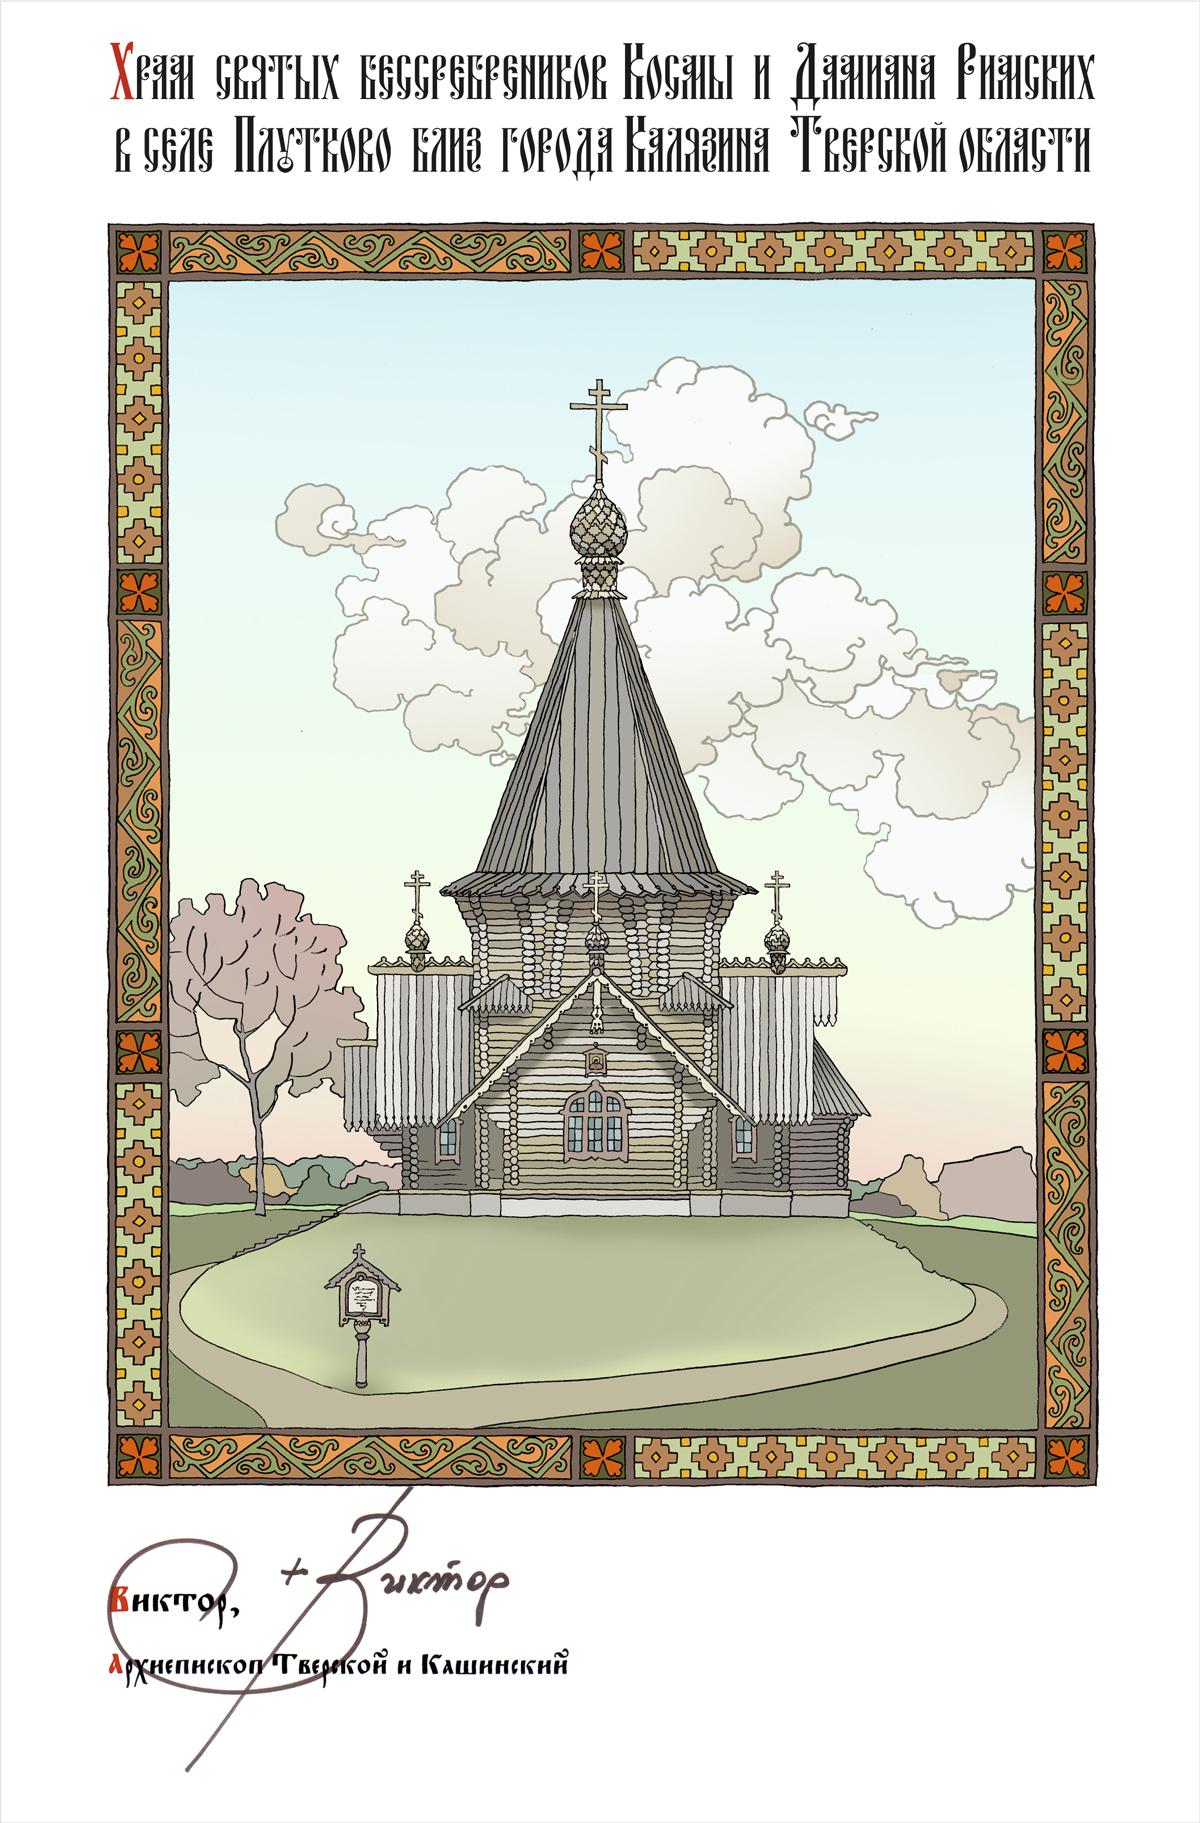 Эскиз храма. Тверская область